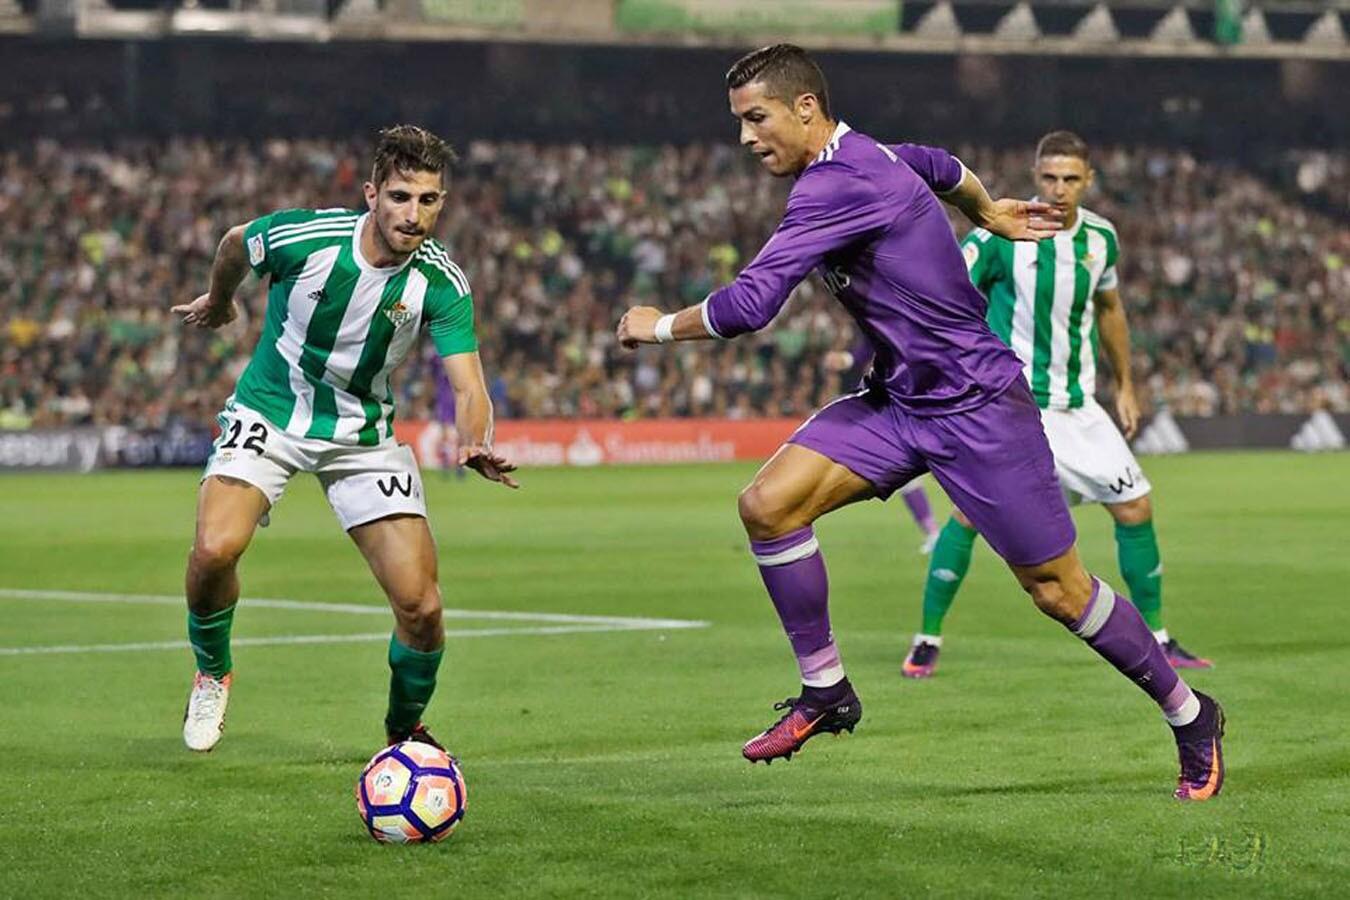 El Real Madrid fulminó 6-1 en cancha del Betis y lidera (18 puntos) junto al Atlético, al jugarse la fecha 8 de la Liga española.